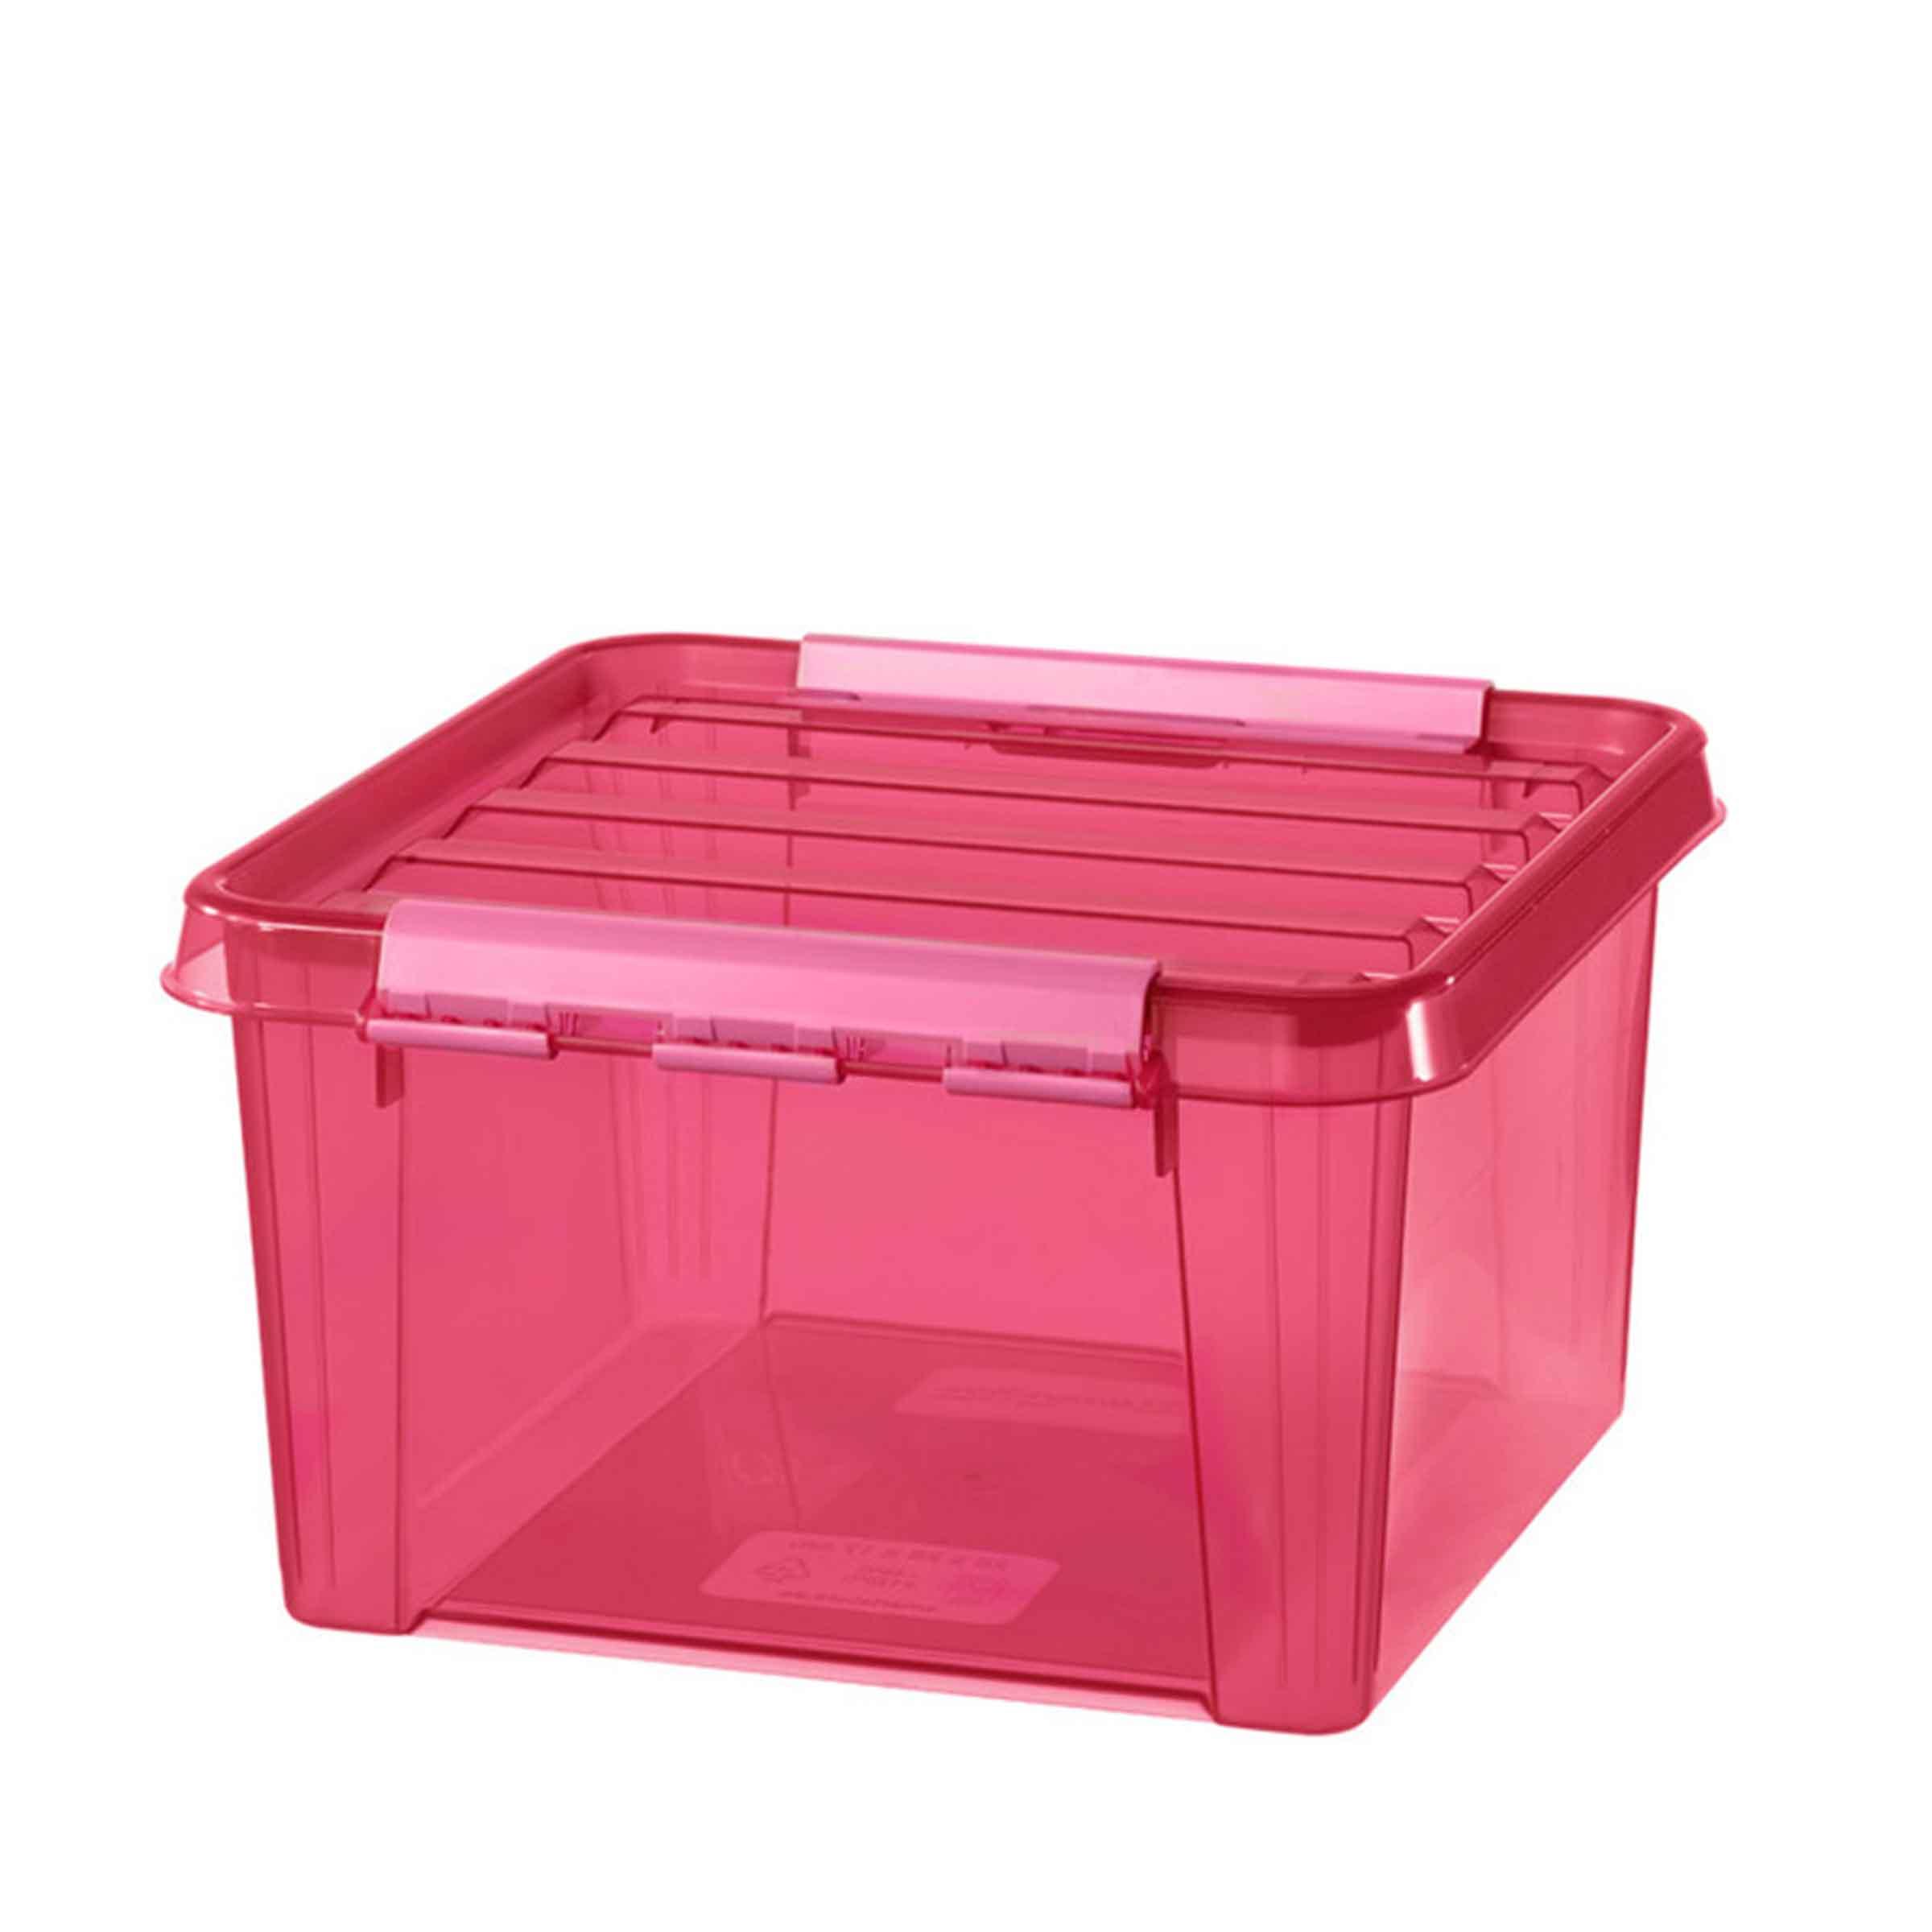 Caisse de rangement en plastique rose transparent